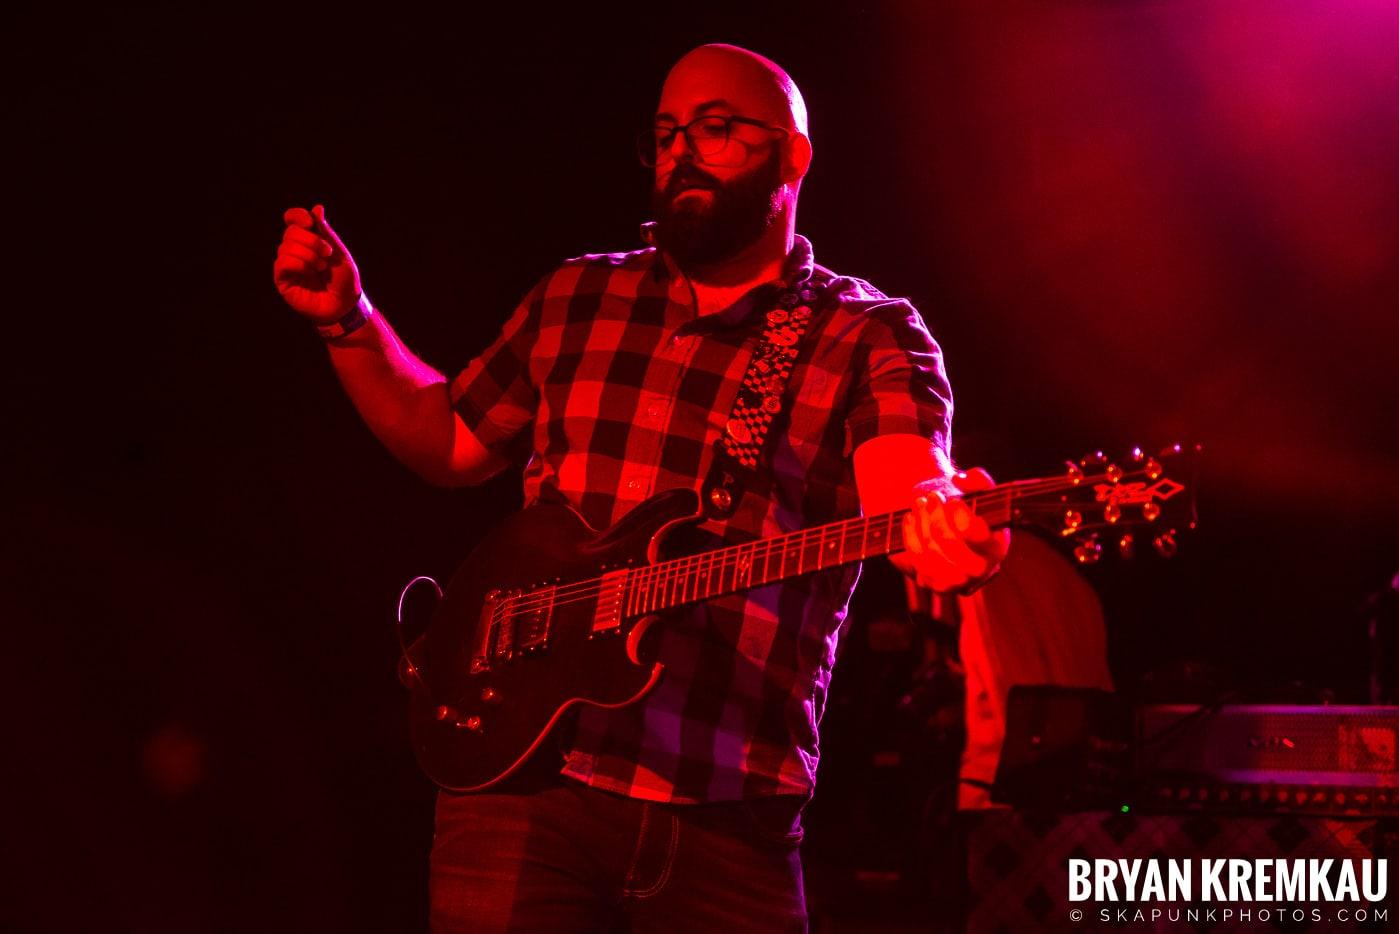 Backyard Superheroes @ Skanksgiving, Starland Ballroom, Sayreville, NJ - 11.30.19 (23)